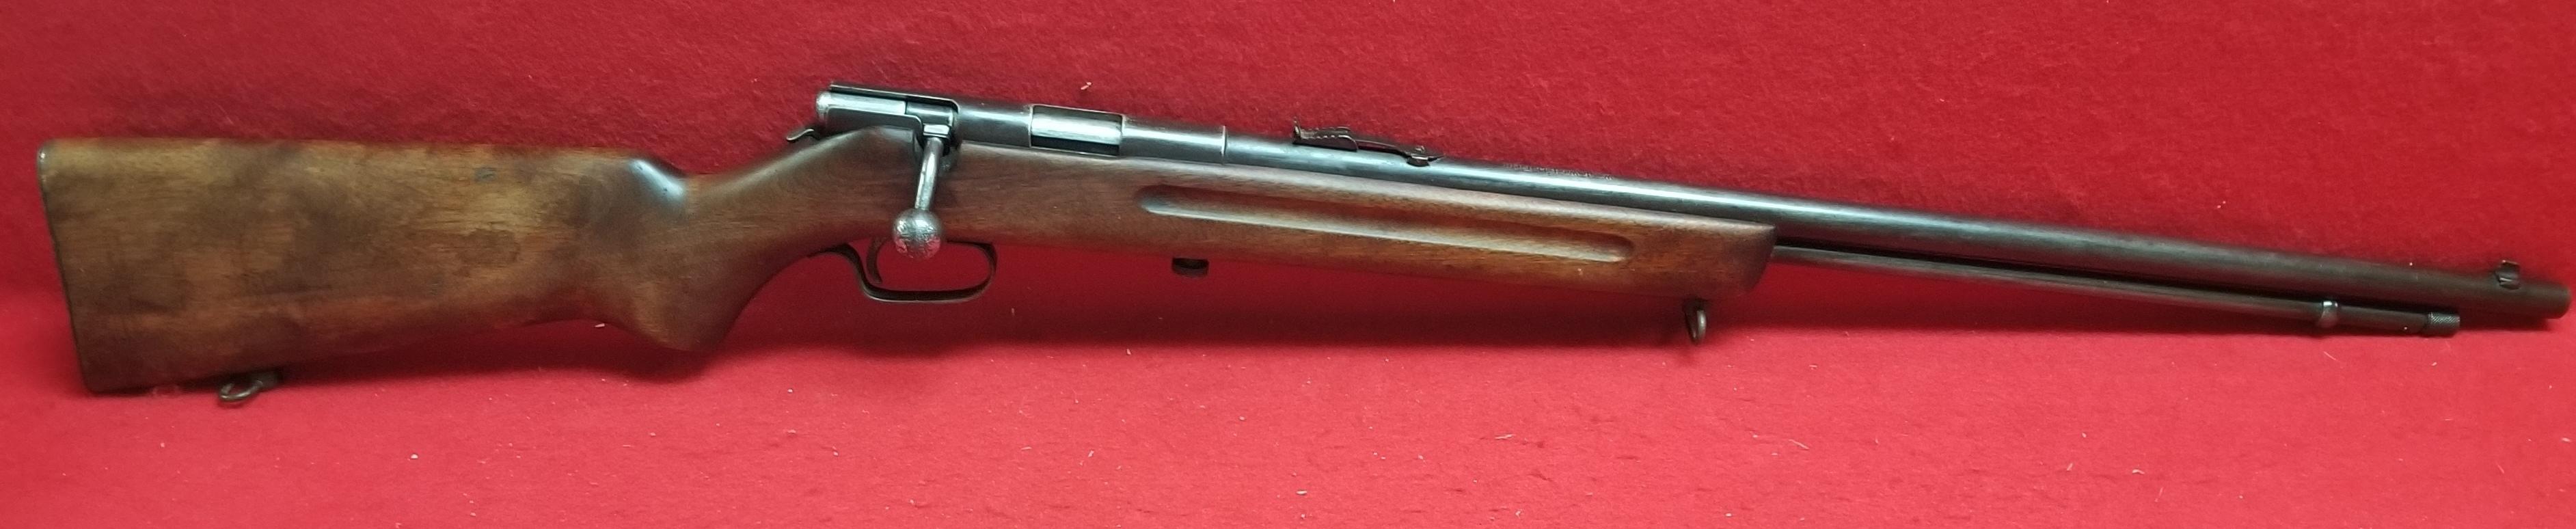 WESTERN FIELD NO 47 22LR-img-0